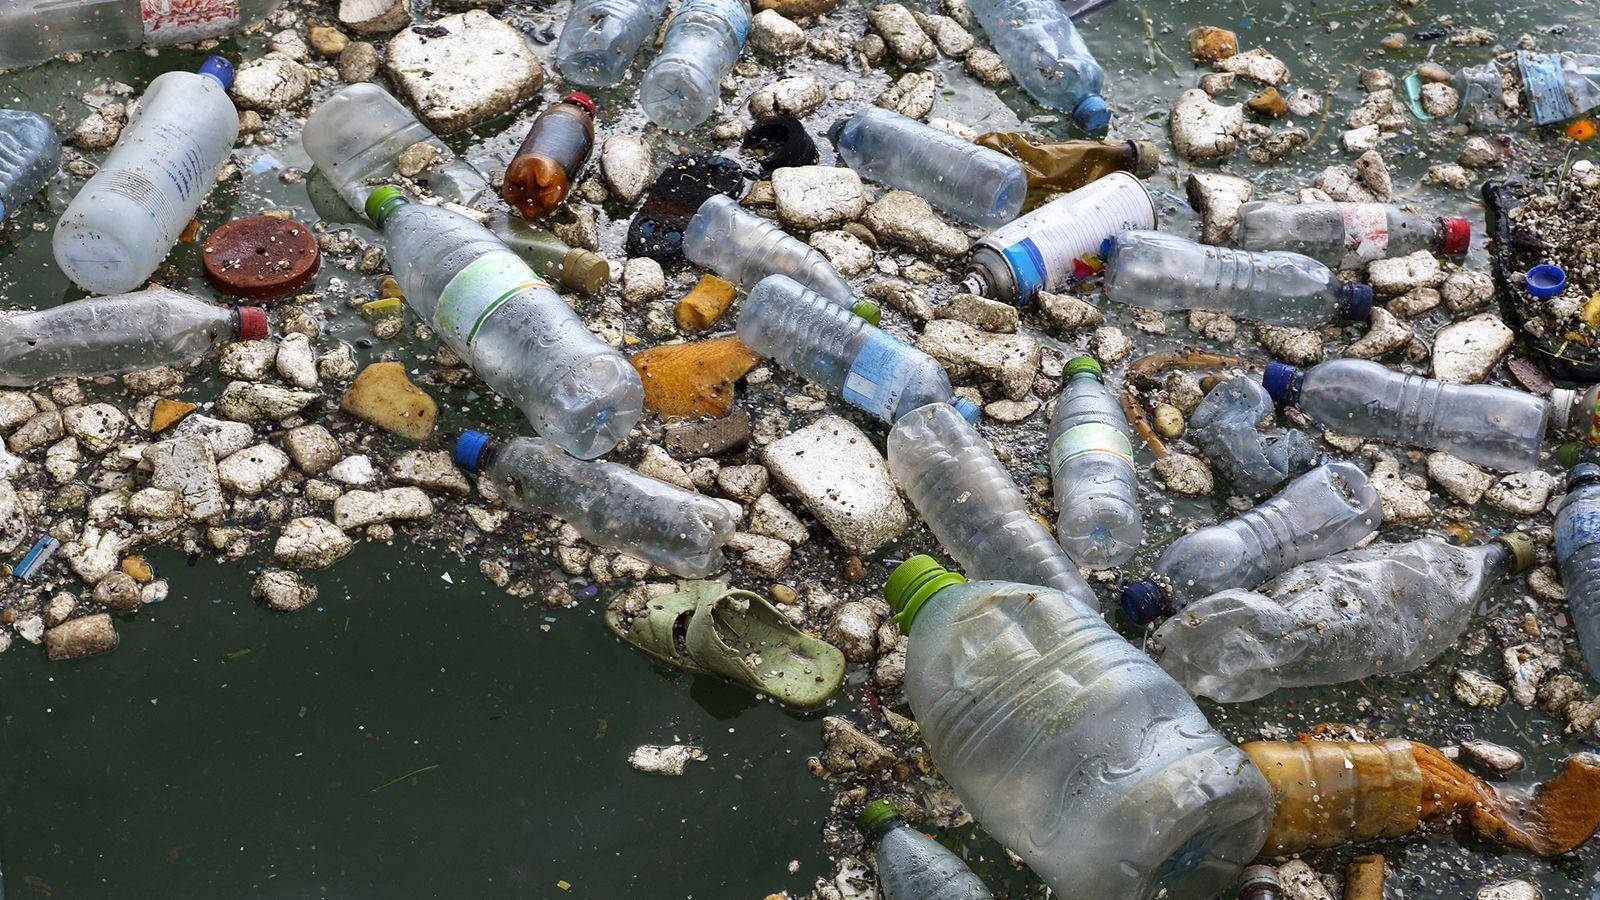 Les déchets plastique pullulent dans l'océan.